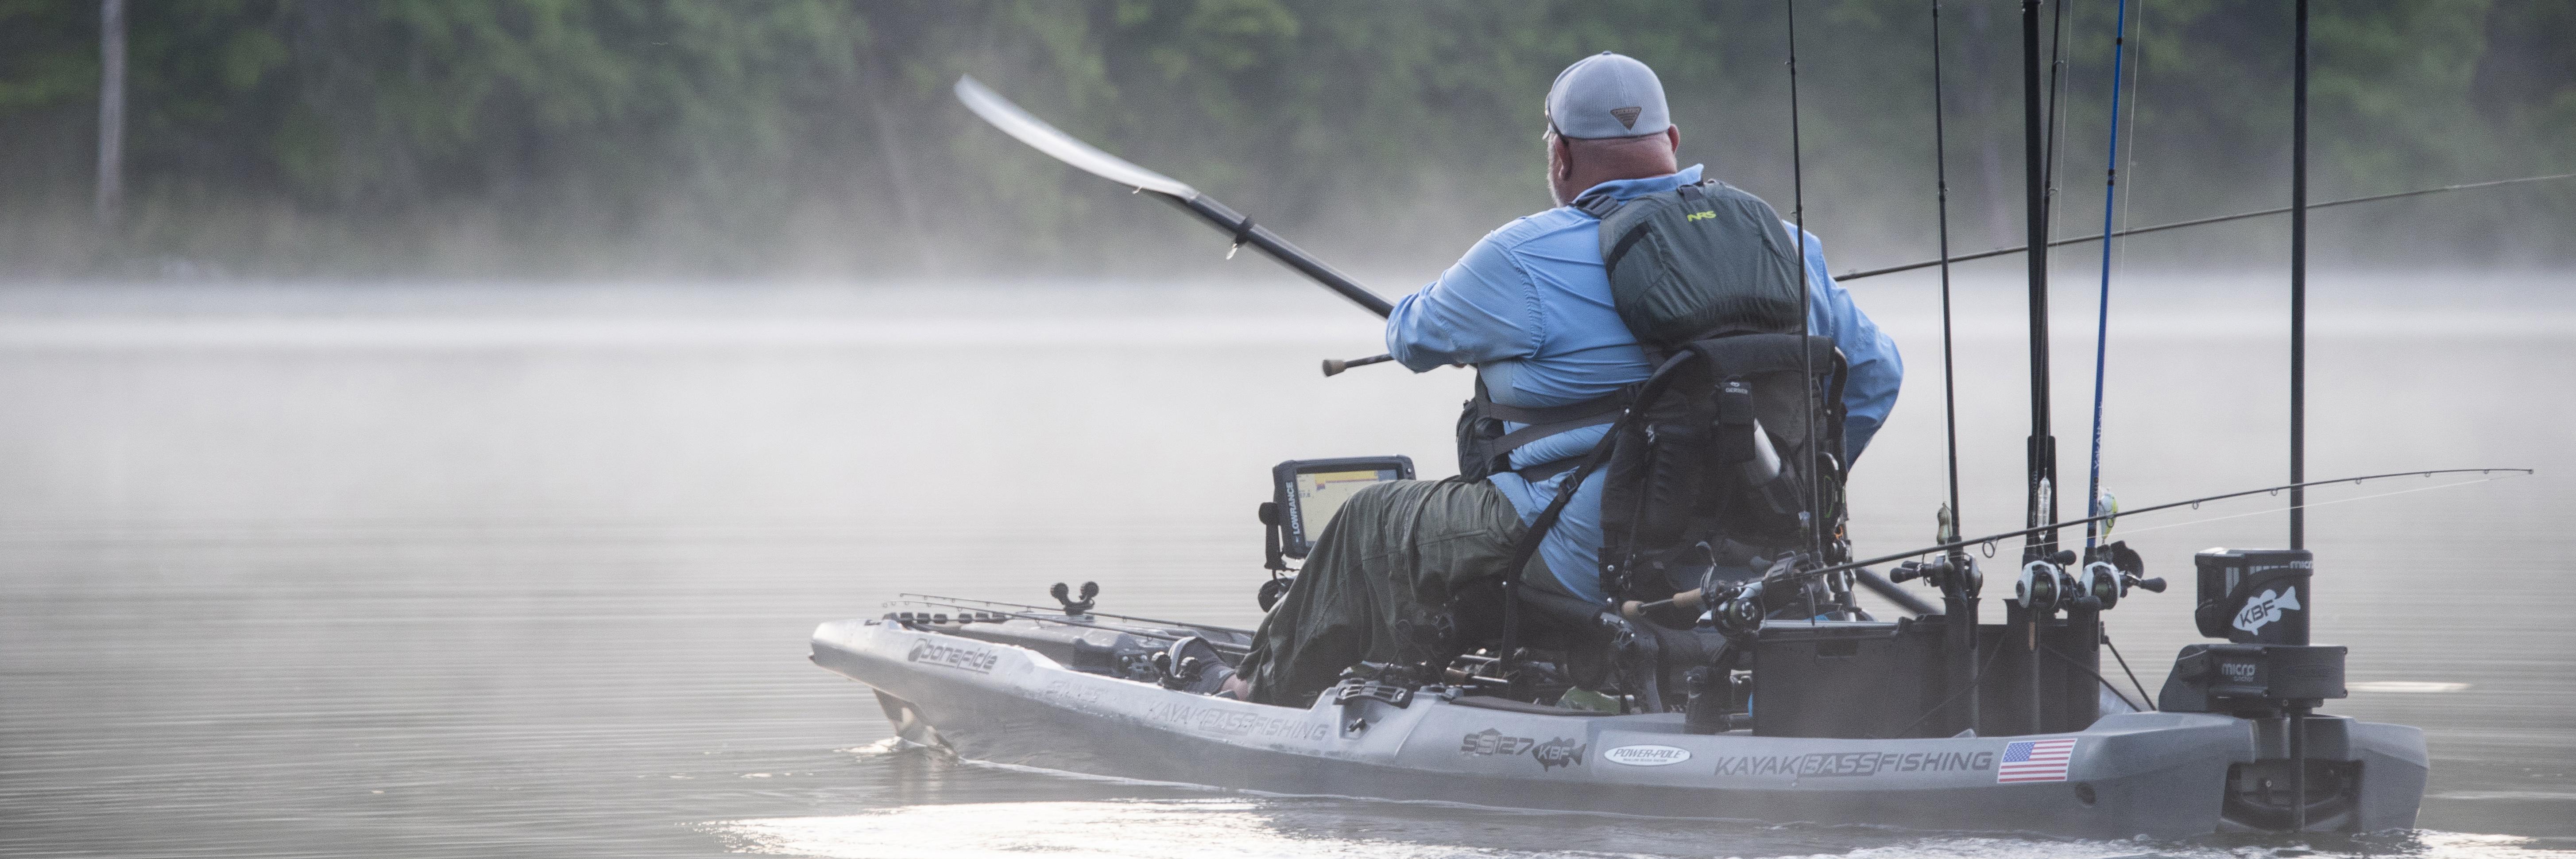 YakAttack® - USA Made Kayak Fishing Gear and Accessories